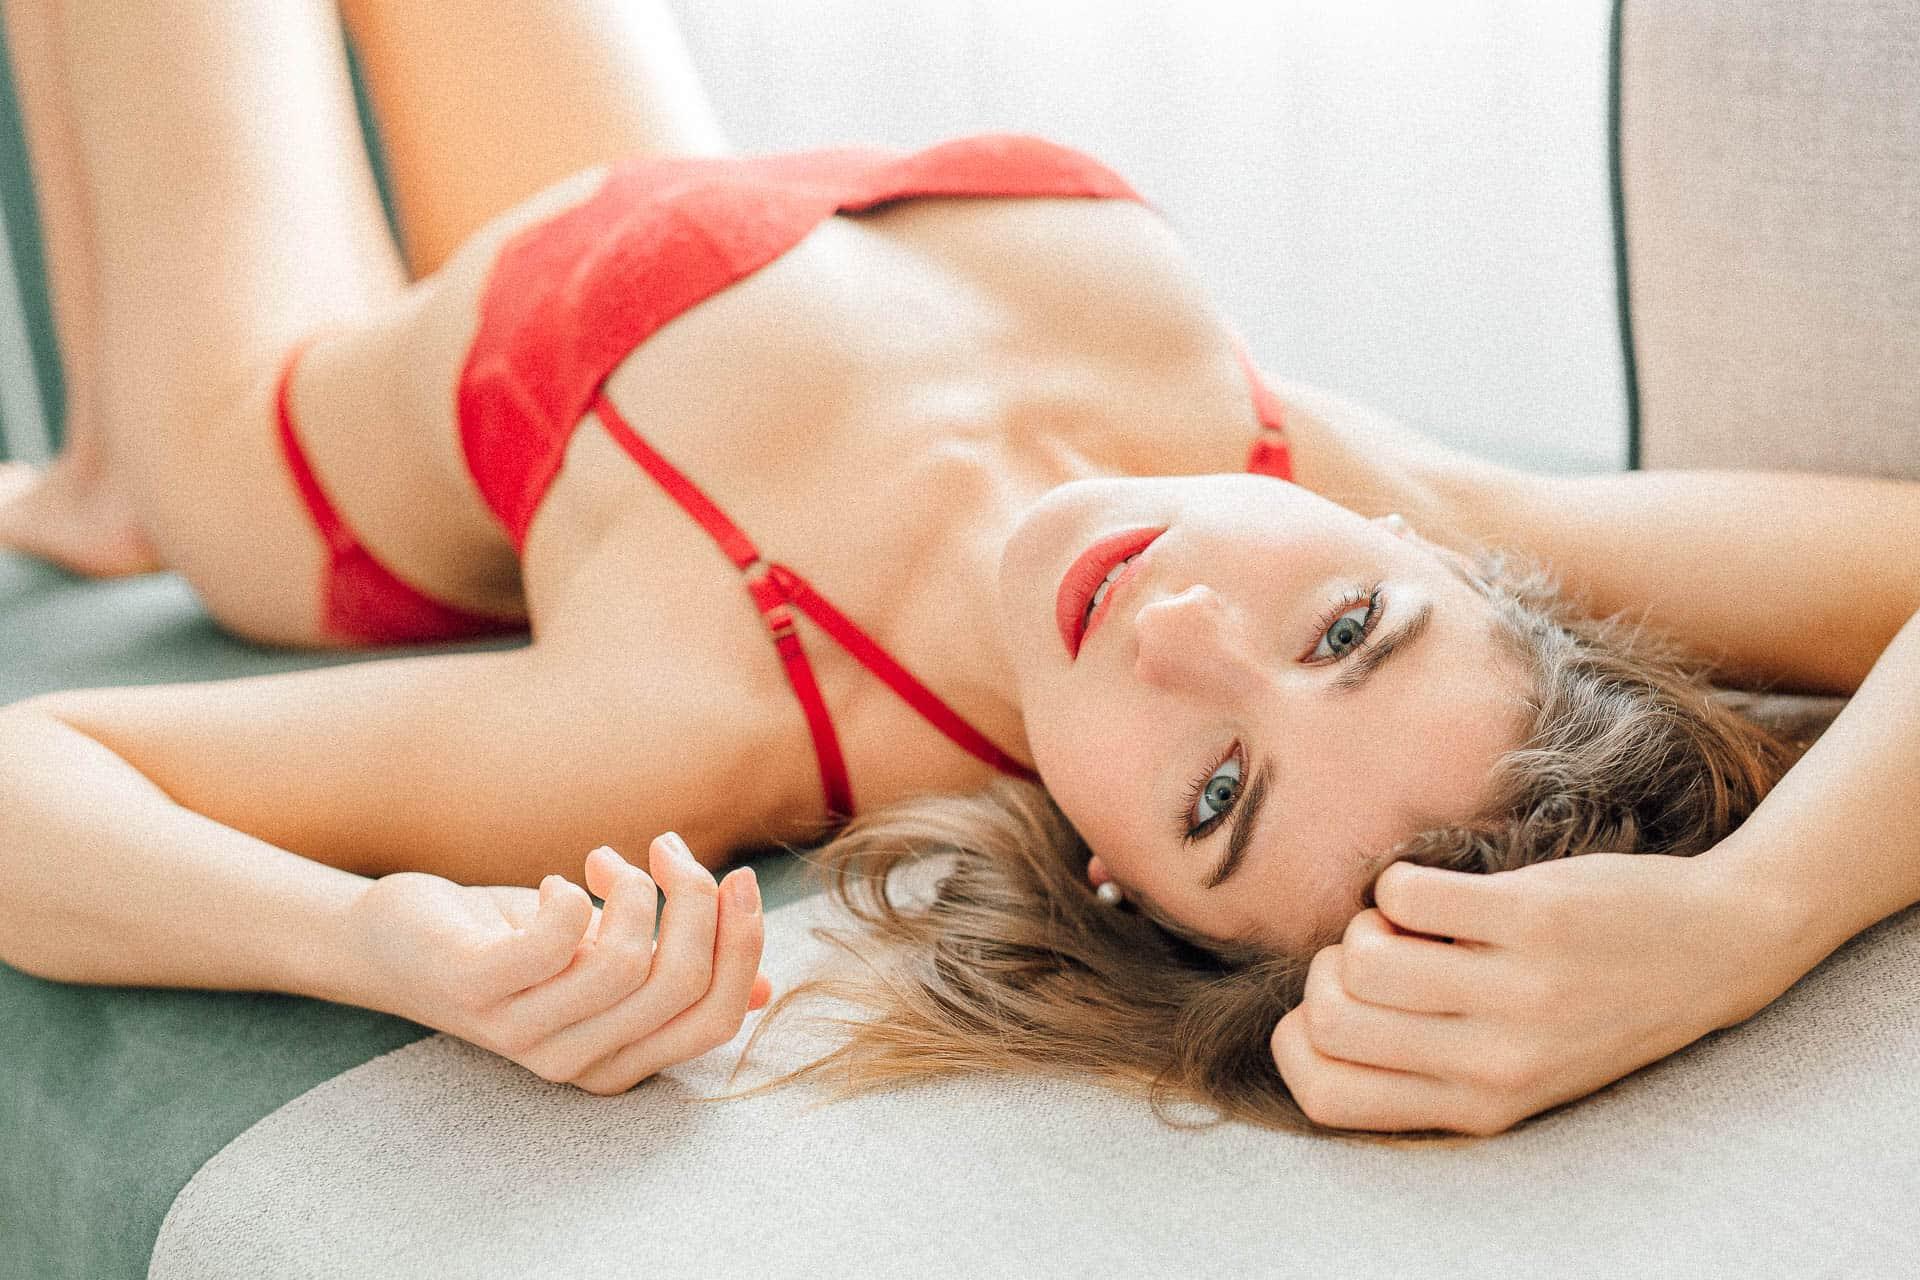 boudoir-fotografie-model-liegend-auf-einem-sofa-in-desouse